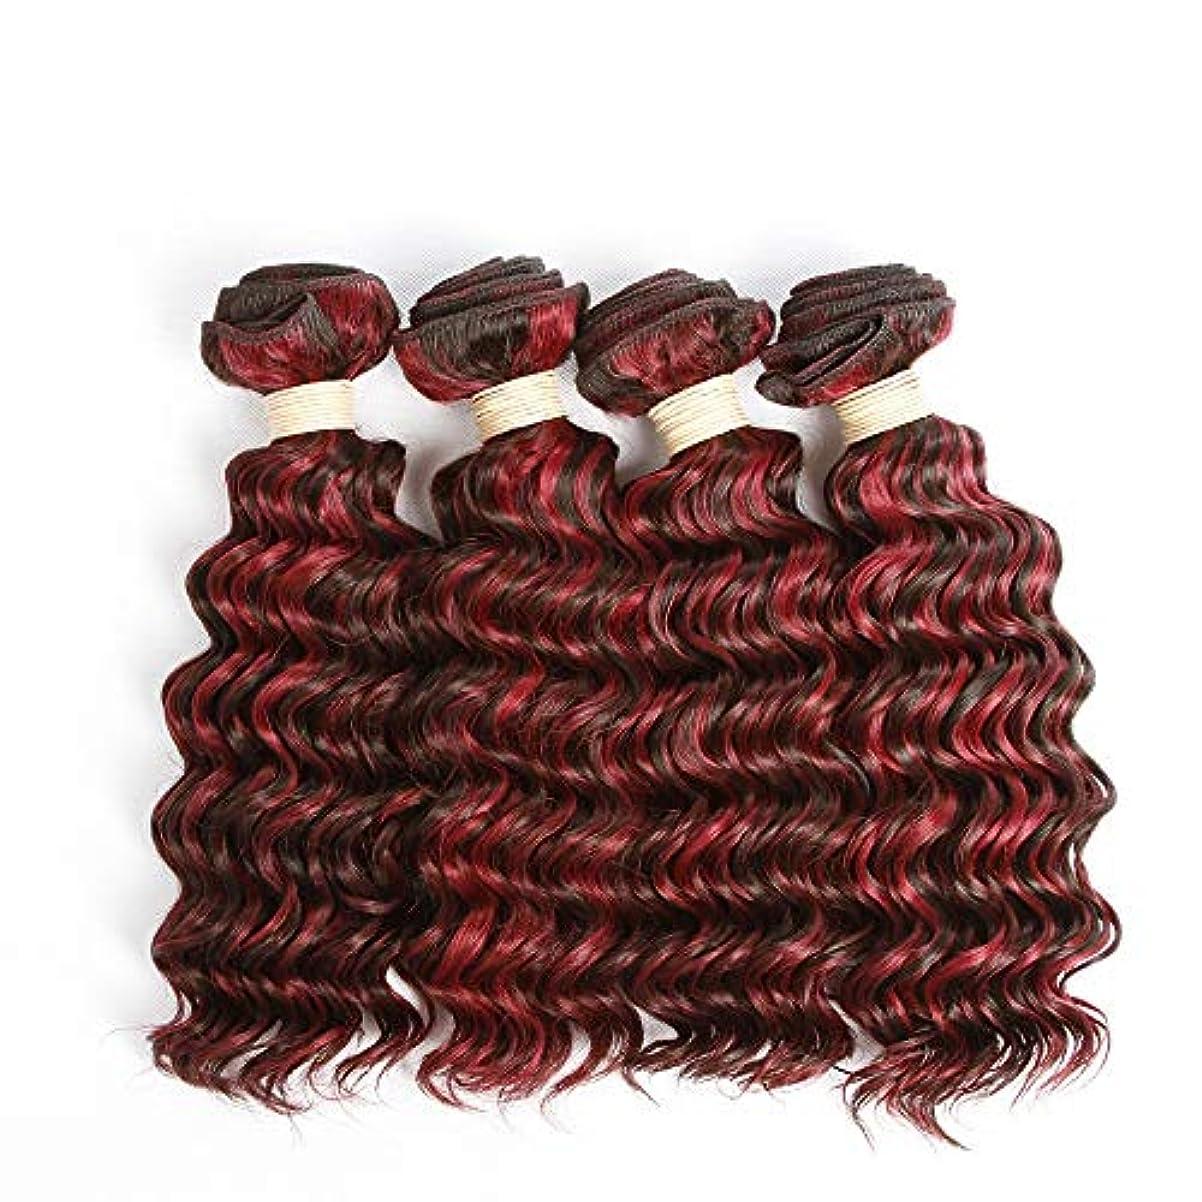 くキルス出撃者WASAIO 8「-28」黒人女性のためのブラジルのディープウェーブヘアーウィッグ - 赤茶色の2トーン色(8「-28」、1バンドル、50グラム) (色 : Red-brown, サイズ : 8 inch)